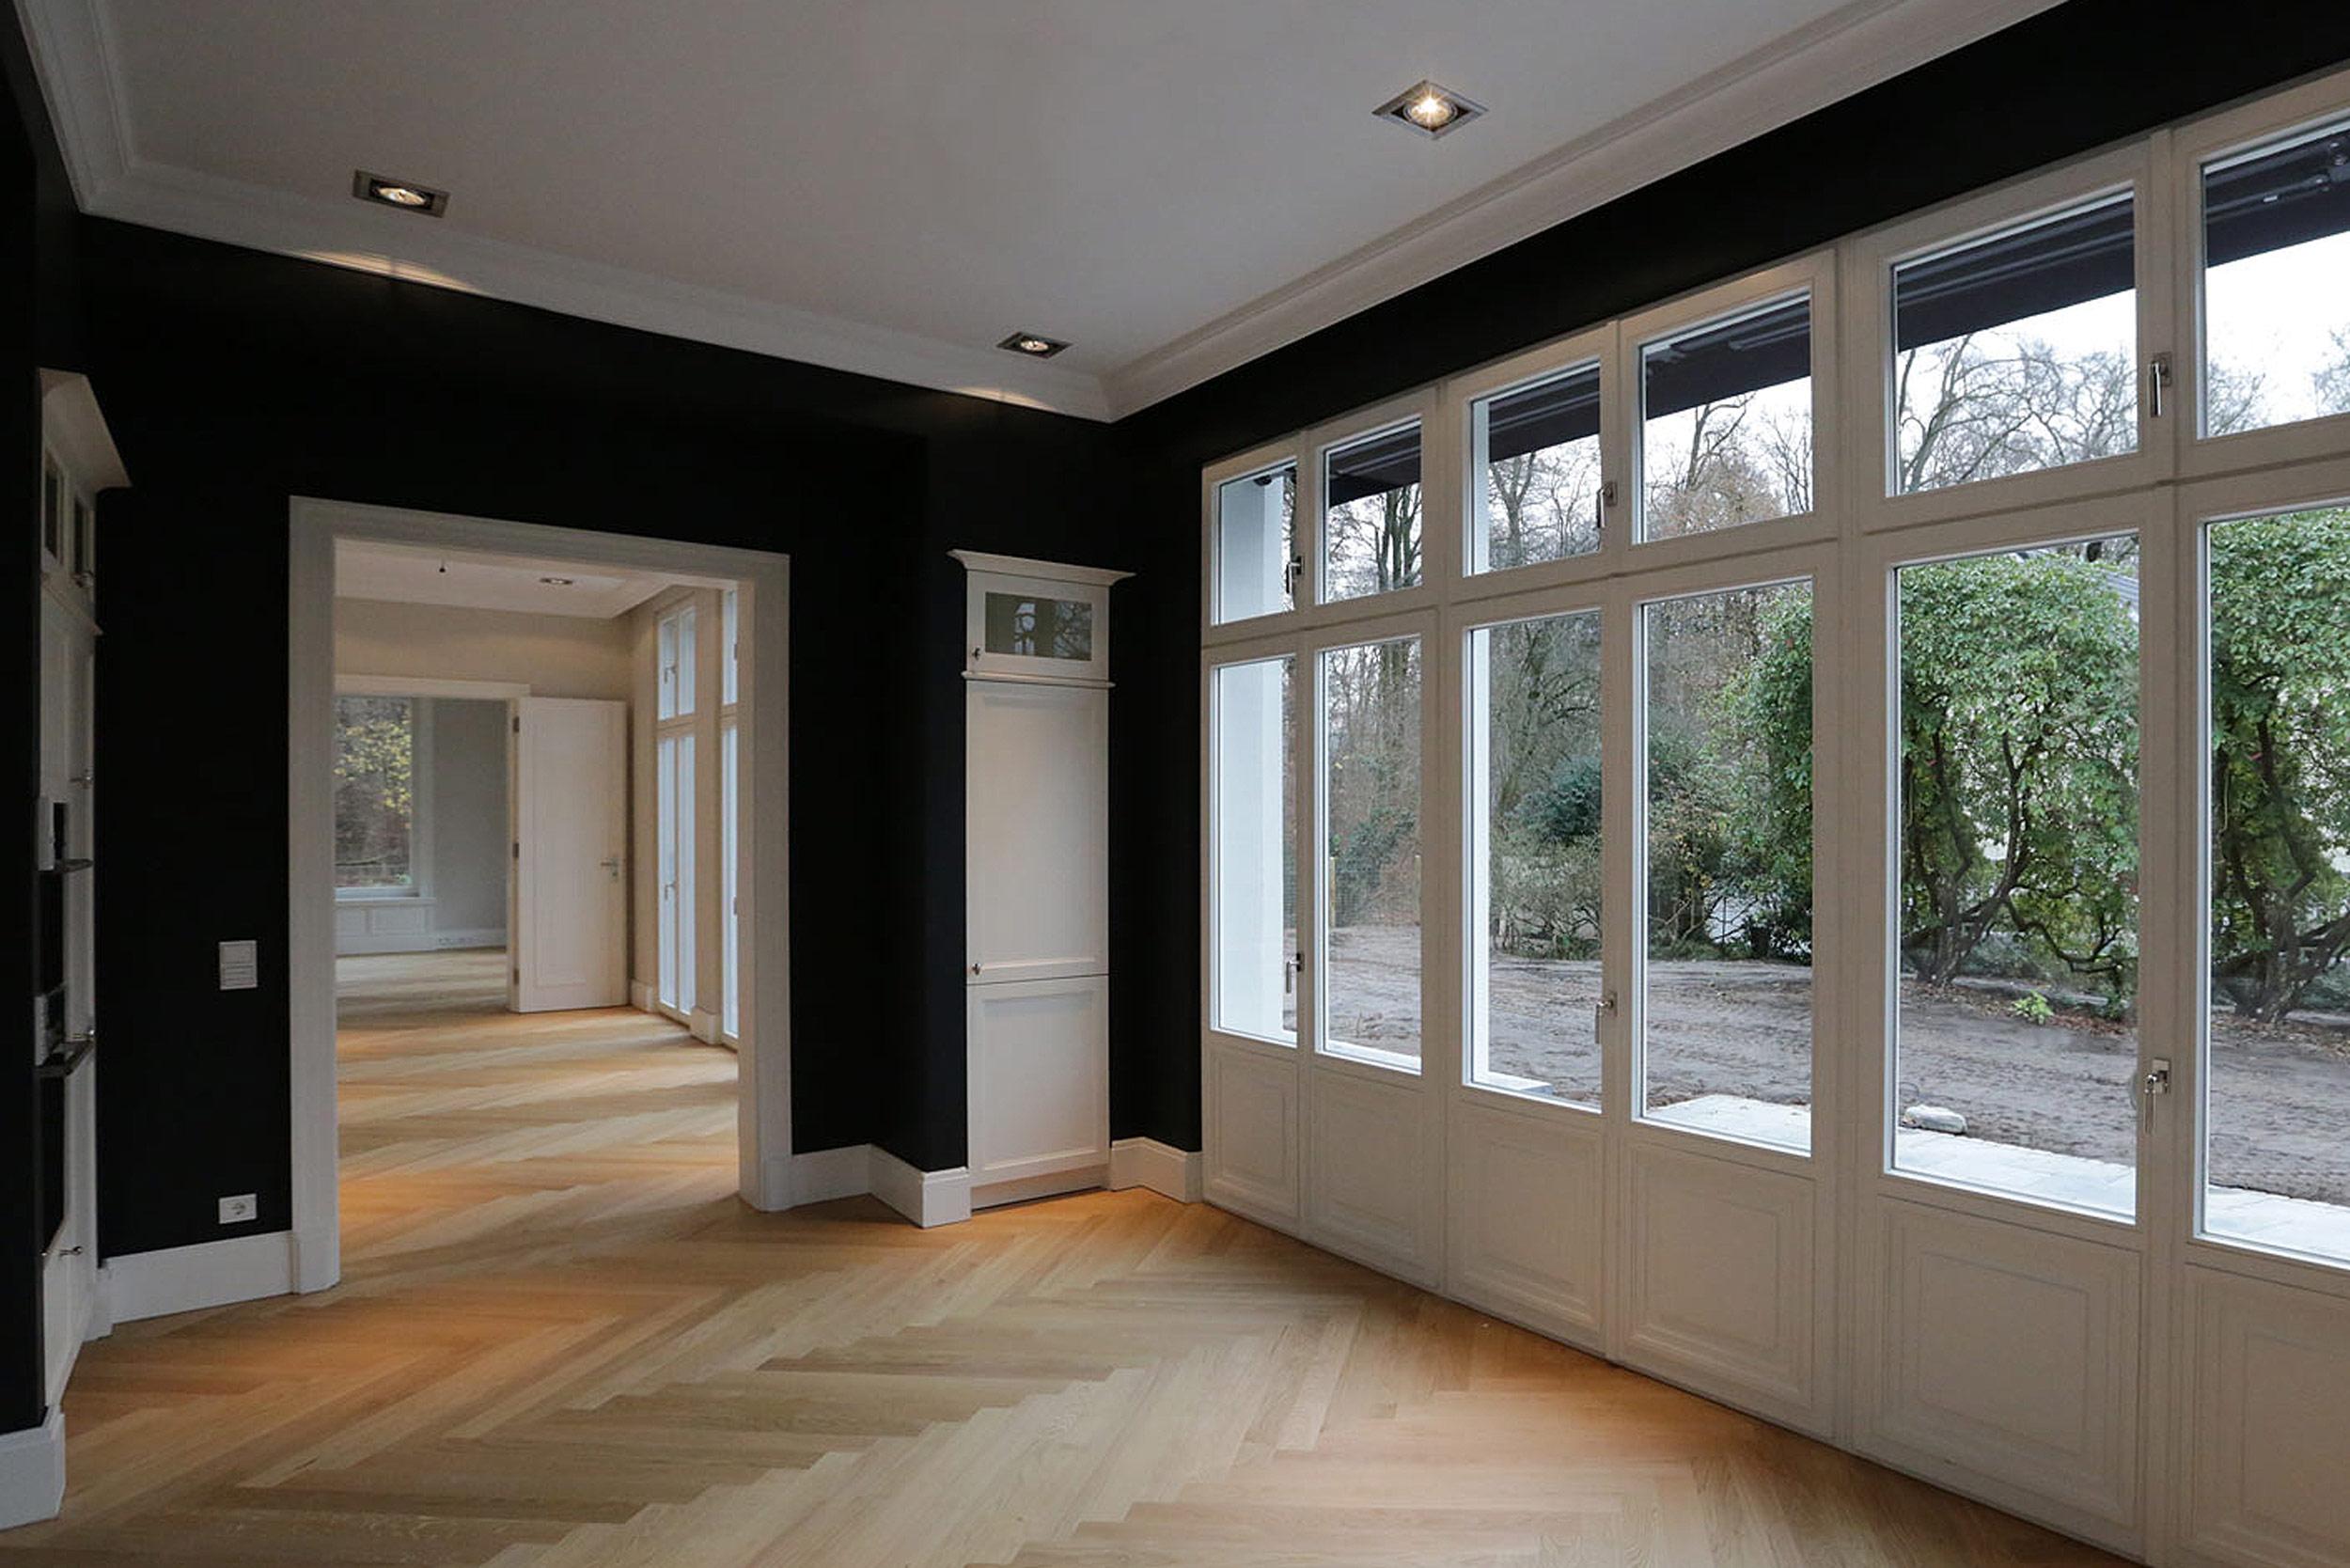 Enfilade - Verbindung der Räume – Neubau einer klassizistischen Villa